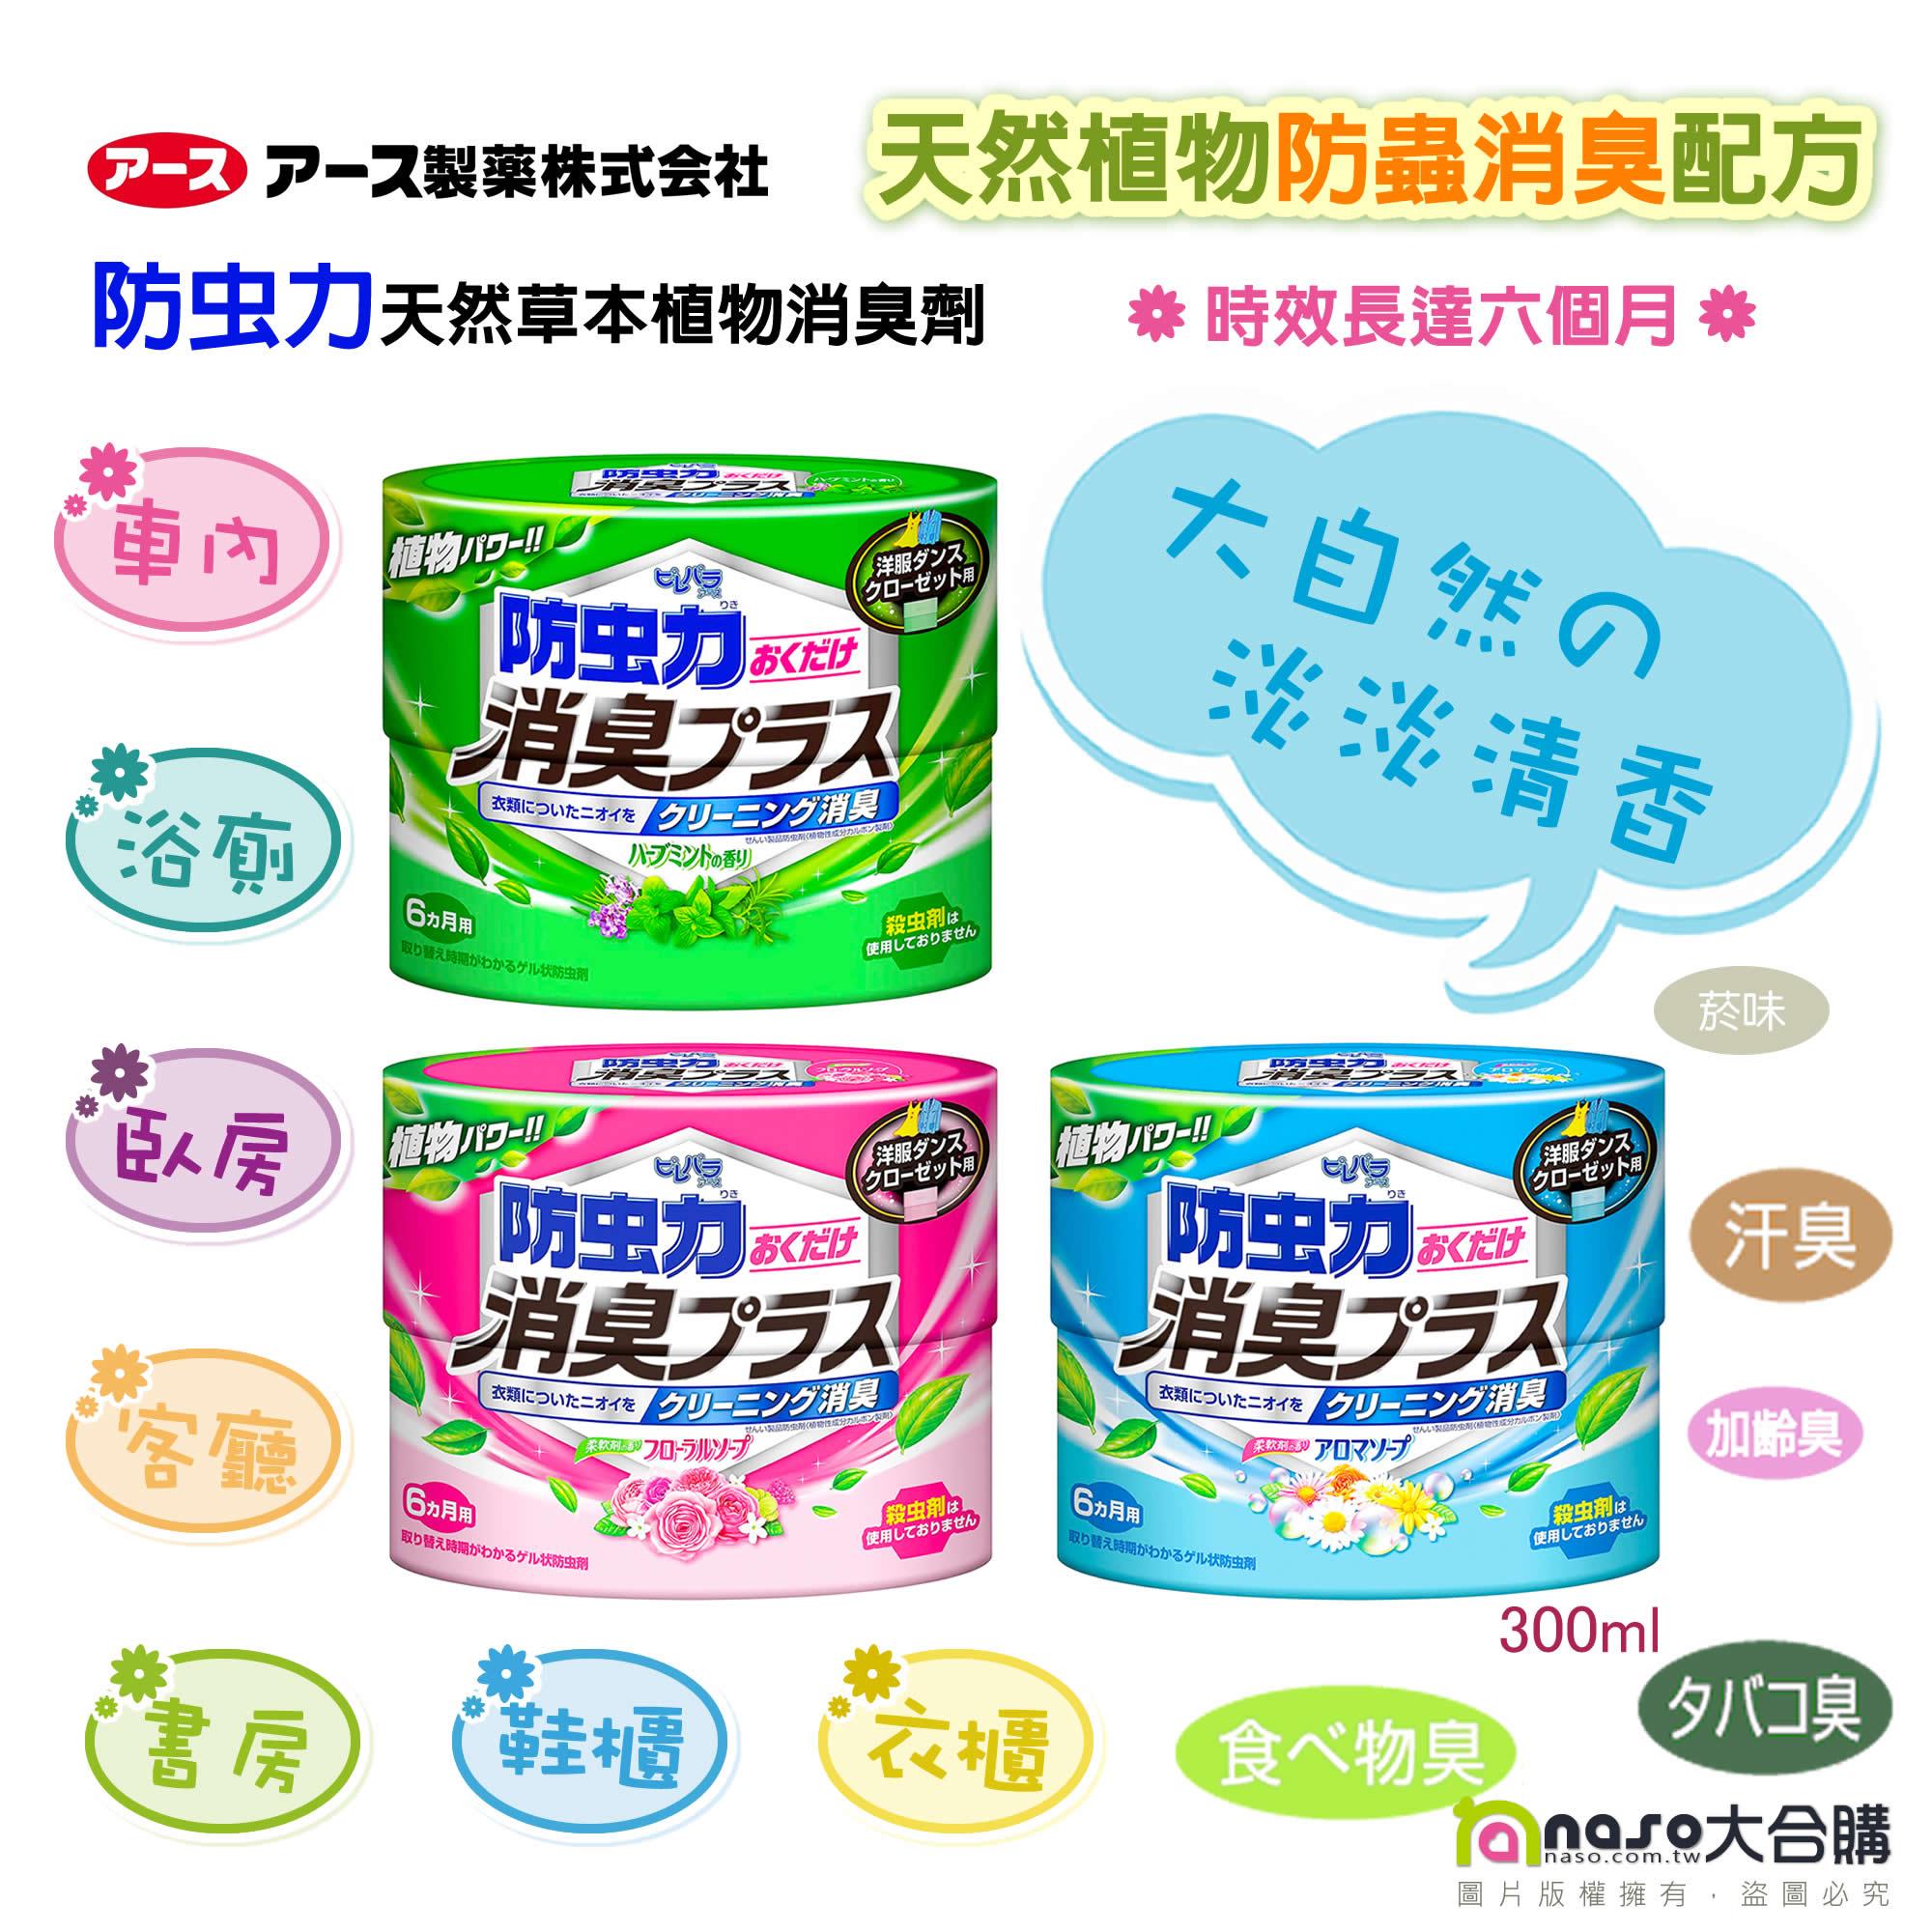 日本EARTH製藥 天然草本植物防蟲消臭劑 好評第4團